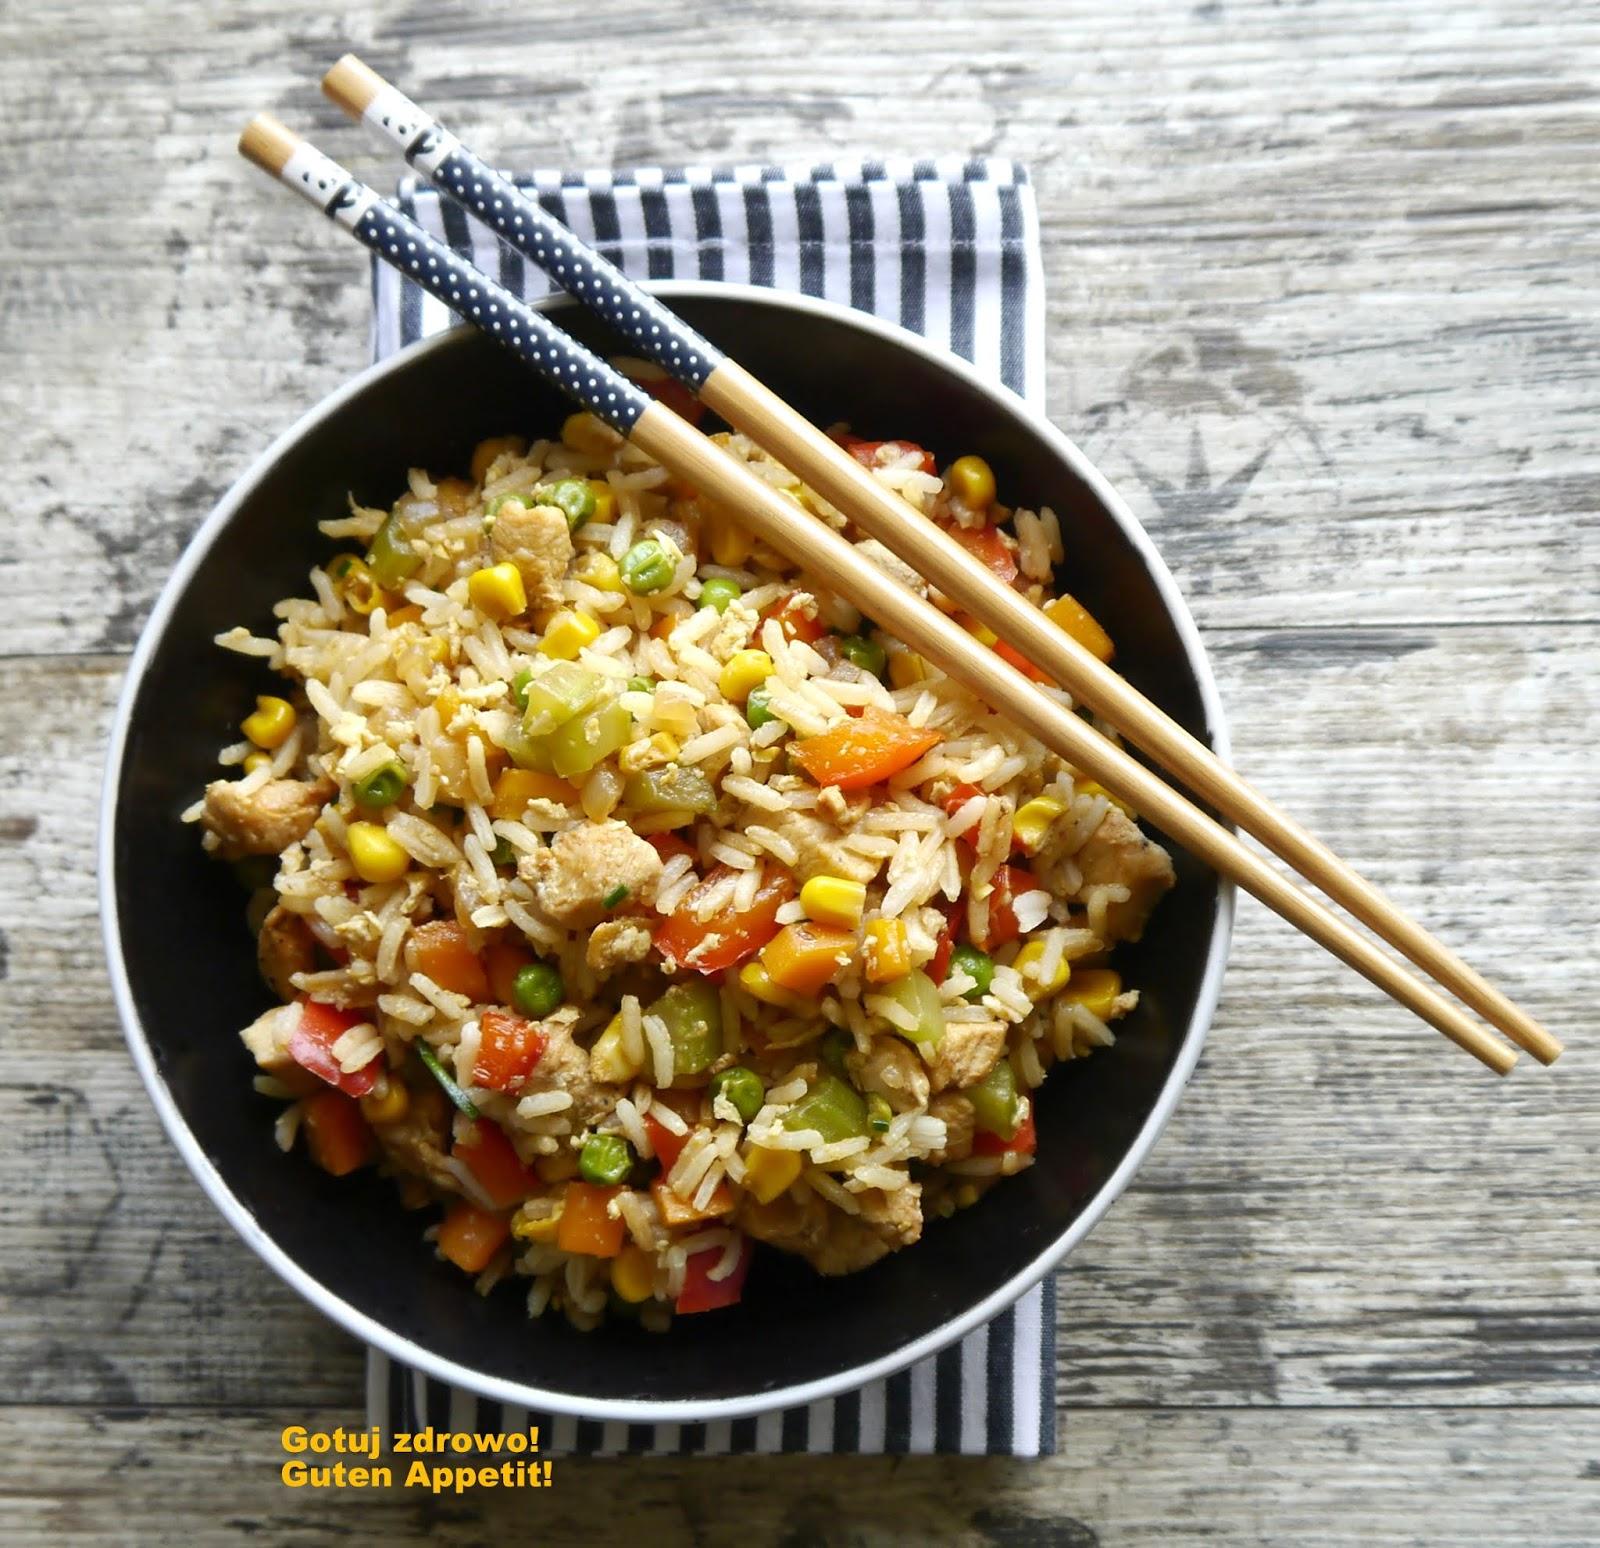 Kurczak Z Woka Z Ryżem I Warzywami Gotuj Zdrowo Kolorowo